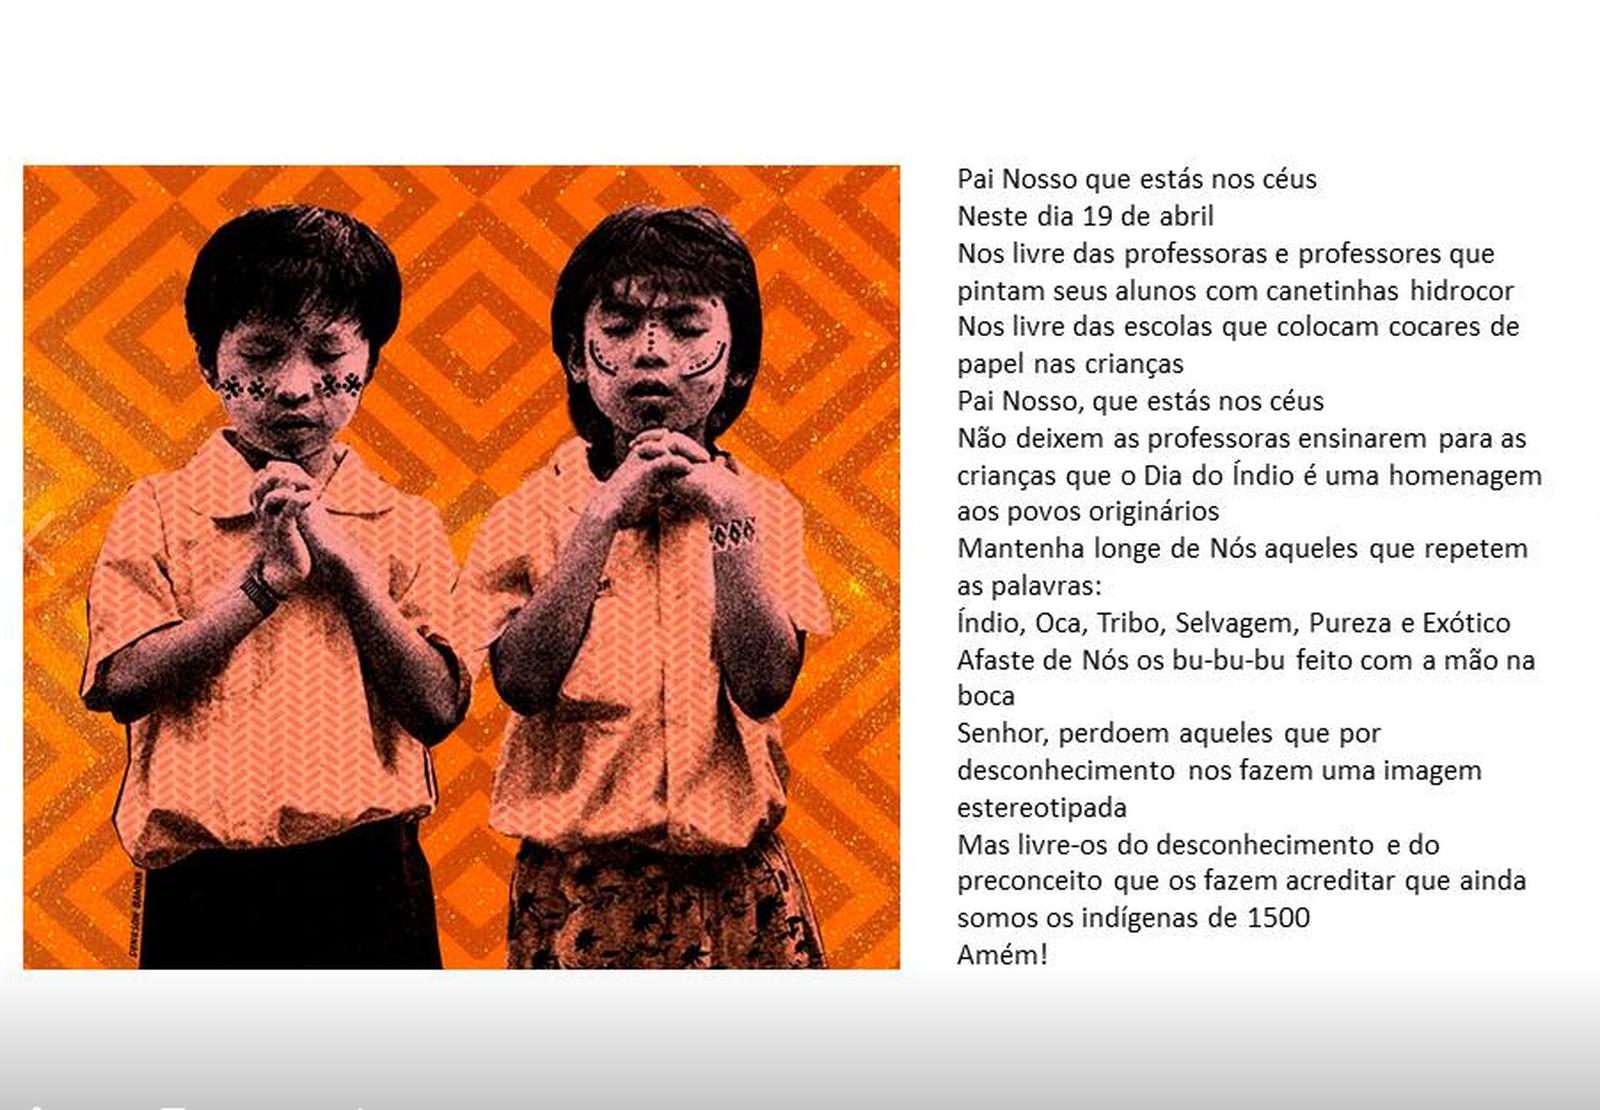 Indígenas lançam campanha contra estereótipos para o Dia do Índio: 'Não precisamos de outras pessoas para nos definirem'